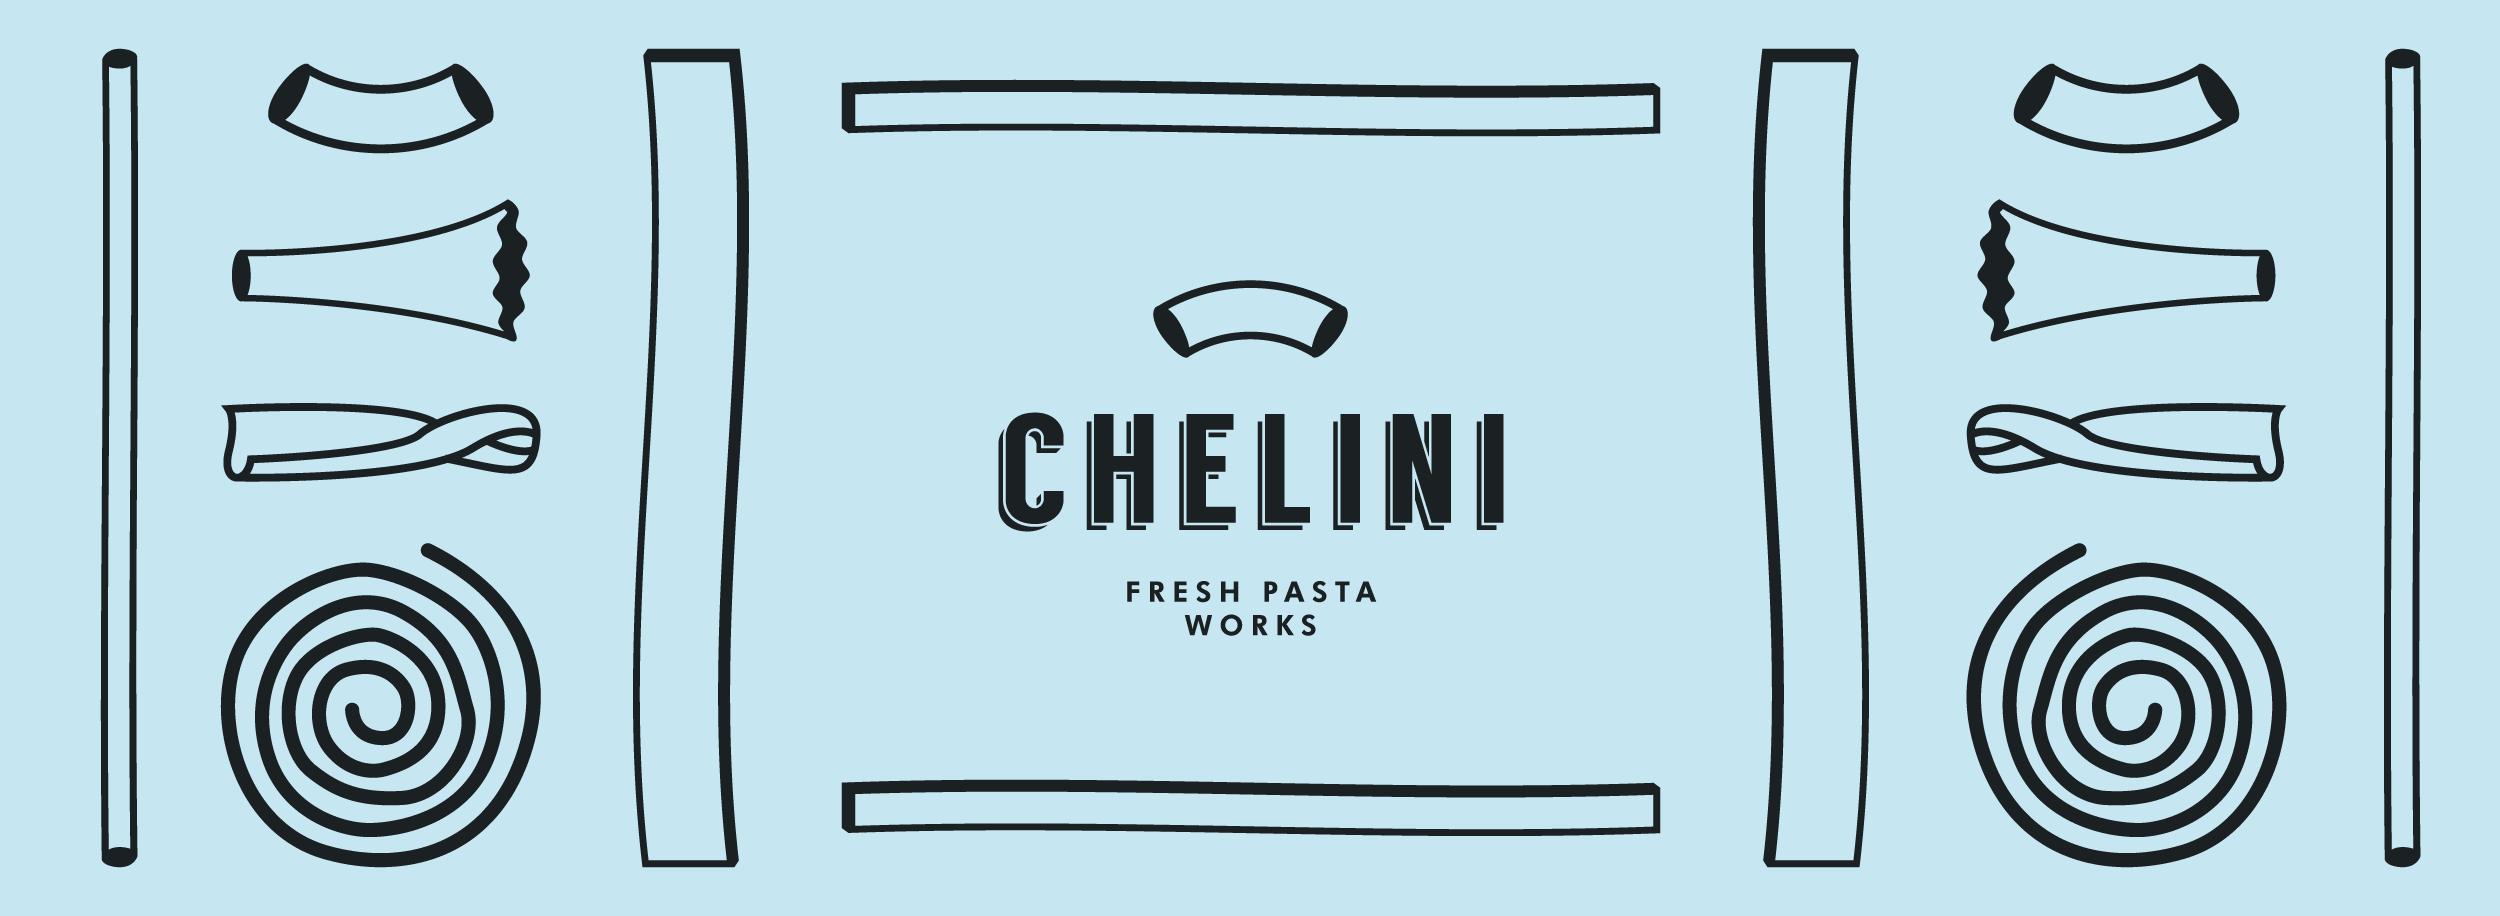 Macaroni, tagliatelle, pappardelle, gigli, spaghetti, bucatini, casarecce icons for Chelini